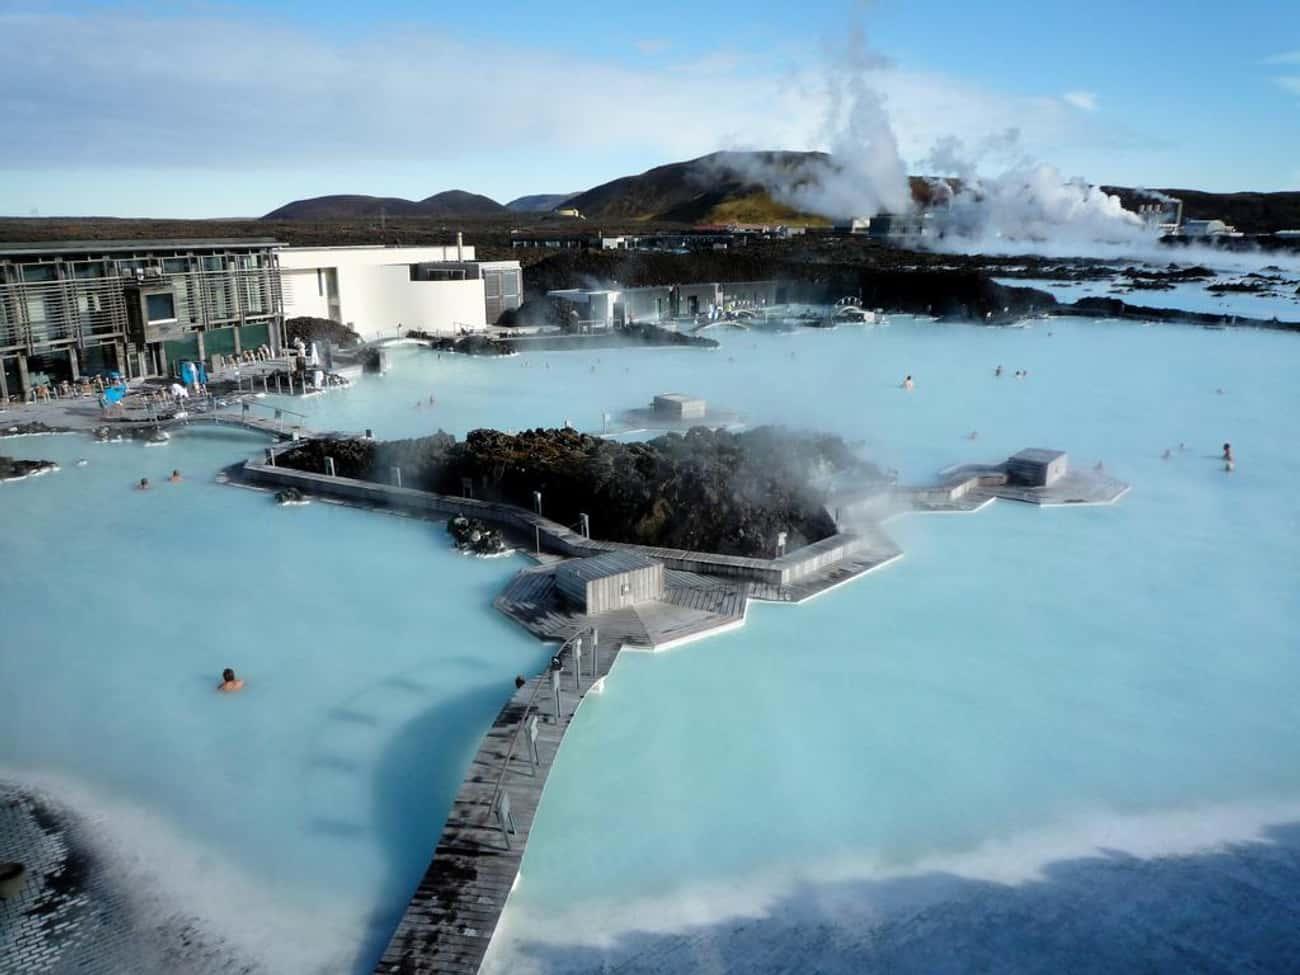 Blue Lagoon Geothermal Resort - Grindavík, Iceland